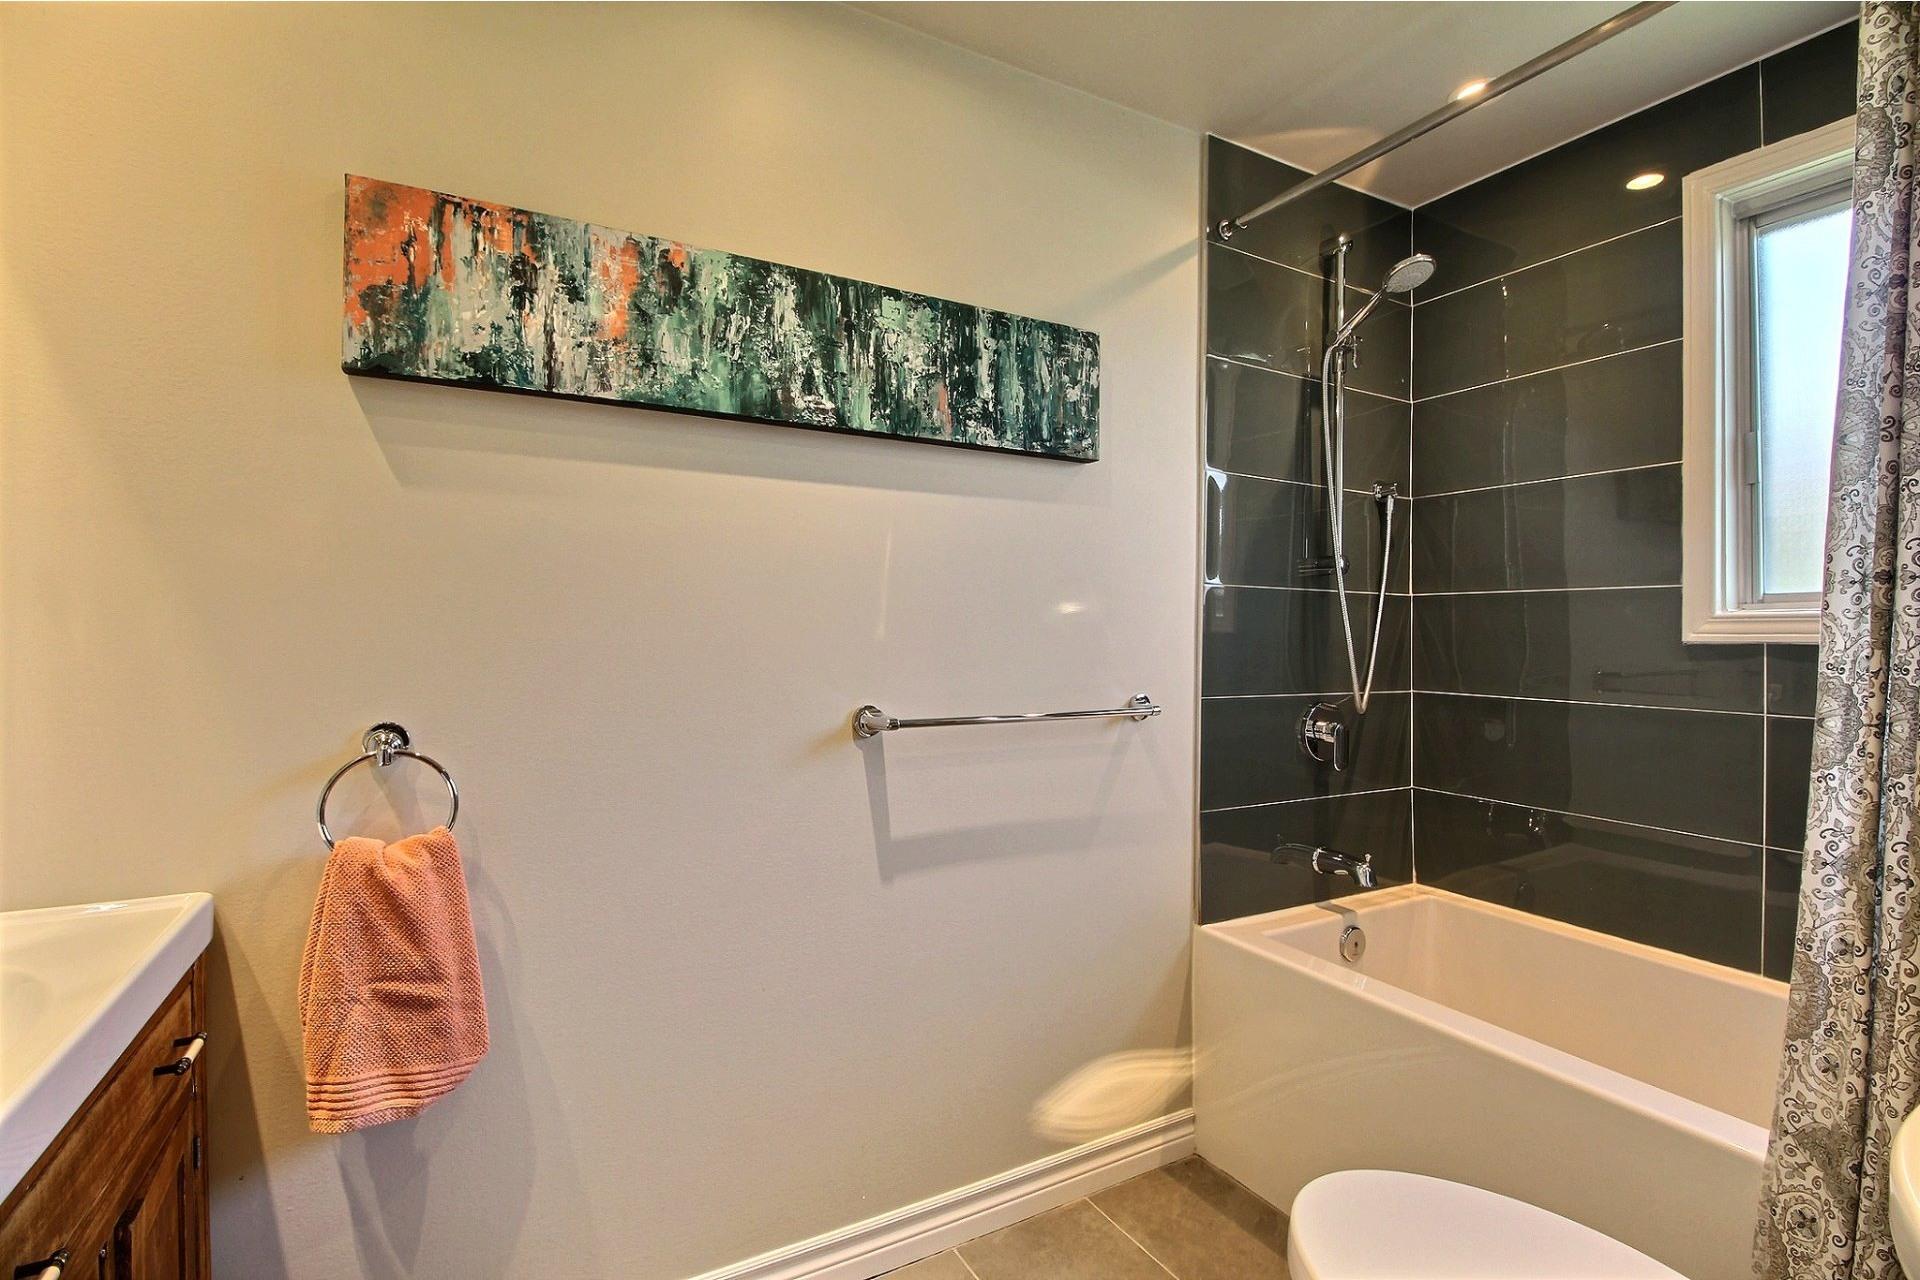 image 11 - House For sale Rivière-des-Prairies/Pointe-aux-Trembles Montréal  - 8 rooms